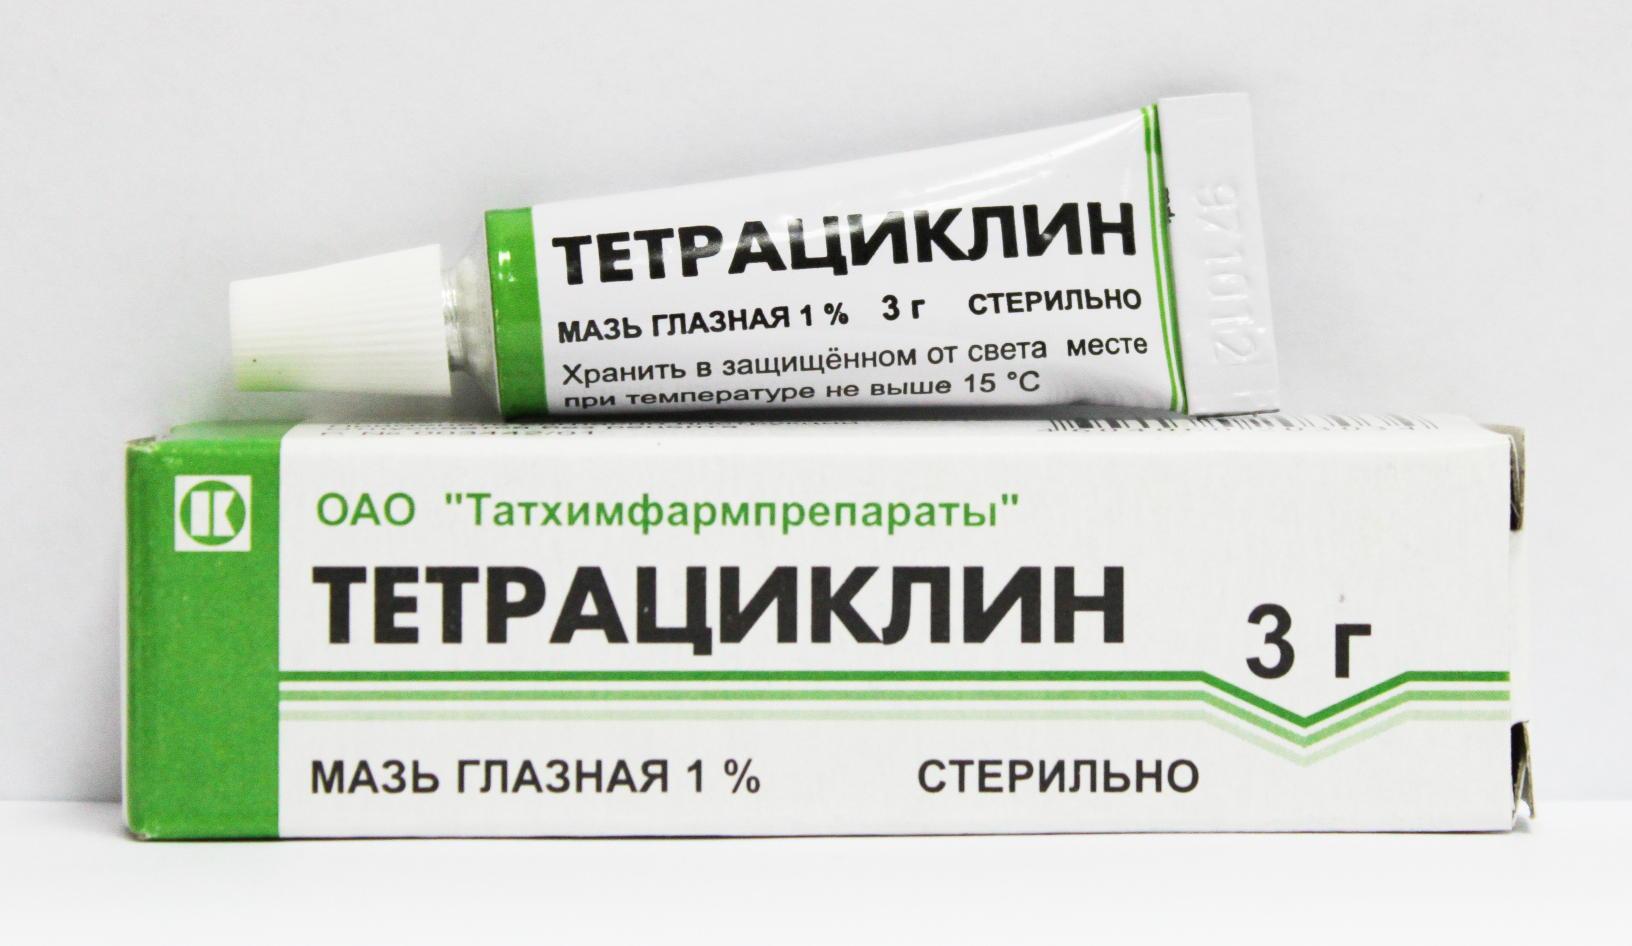 Тетрациклиновая мазь при беременности